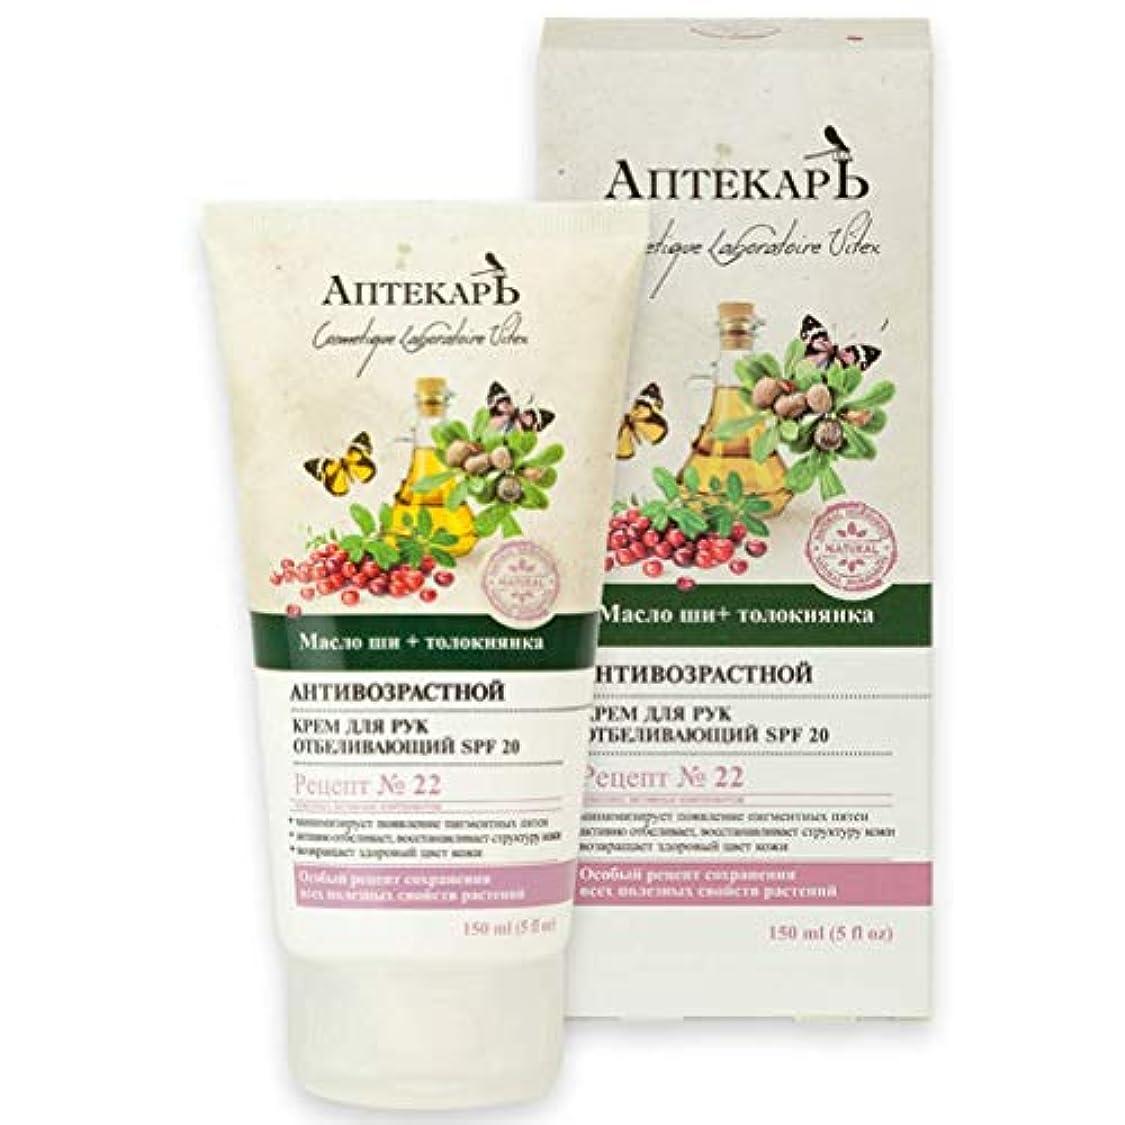 マンハッタン深めるぬるいBielita & Vitex | Chemist Line | Whitening Hand Cream | SPF 20 | Arctostaphylos Uva-ursi | Butyrospermum Parkii...